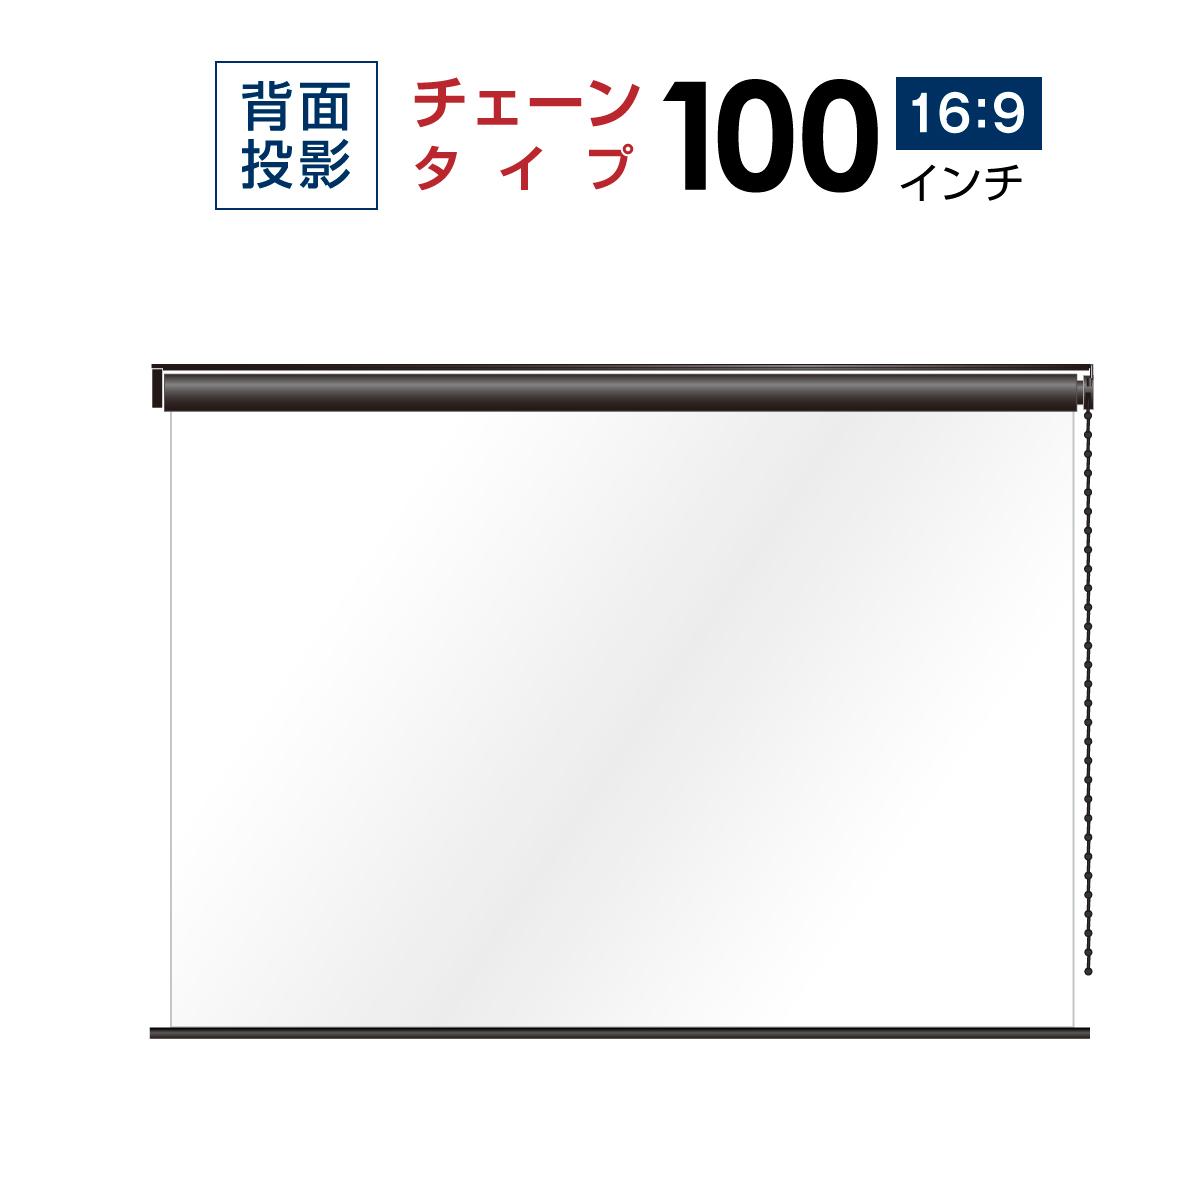 プロジェクタースクリーン リア投影タイプ【10年保証/送料無料】 チェーンスクリーン 100インチ(16:9) シアターハウス BCH2220FTS